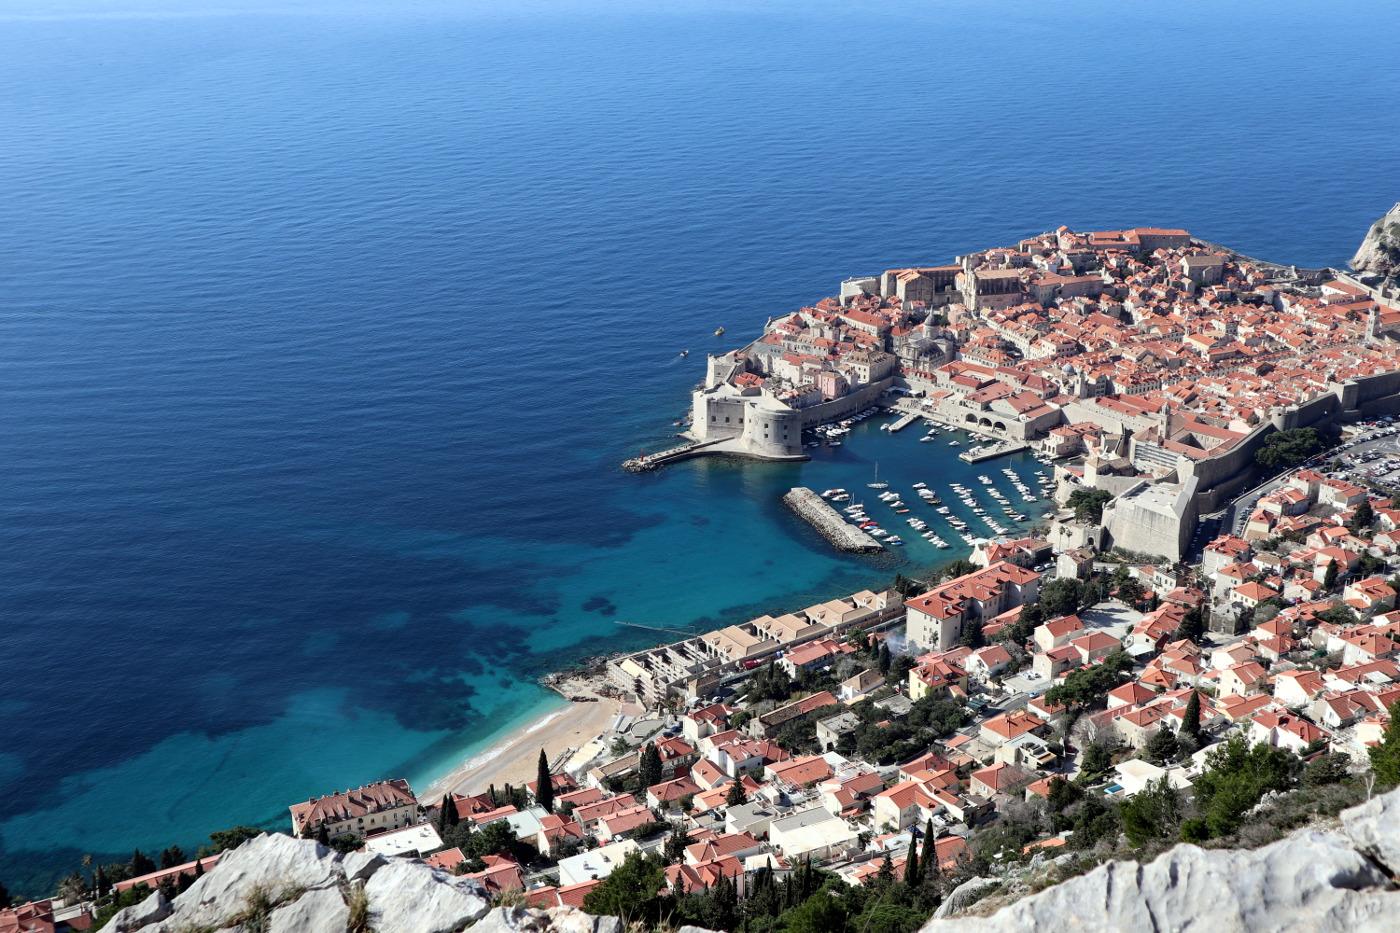 Patascha's World Patascha Roadtrip Adria Magistrale Kroatien Dubrovnik Sehenswürdigkeiten mit dem Camper Wohnmobil durch Vanlife Stellplatz Campingplatz park4night wildcampen freistehen öffnungszeiten Informationen UNESCO Sightseeing Küstenstrasse Küstenort Freiheitsmobile Reiseblog Youtube